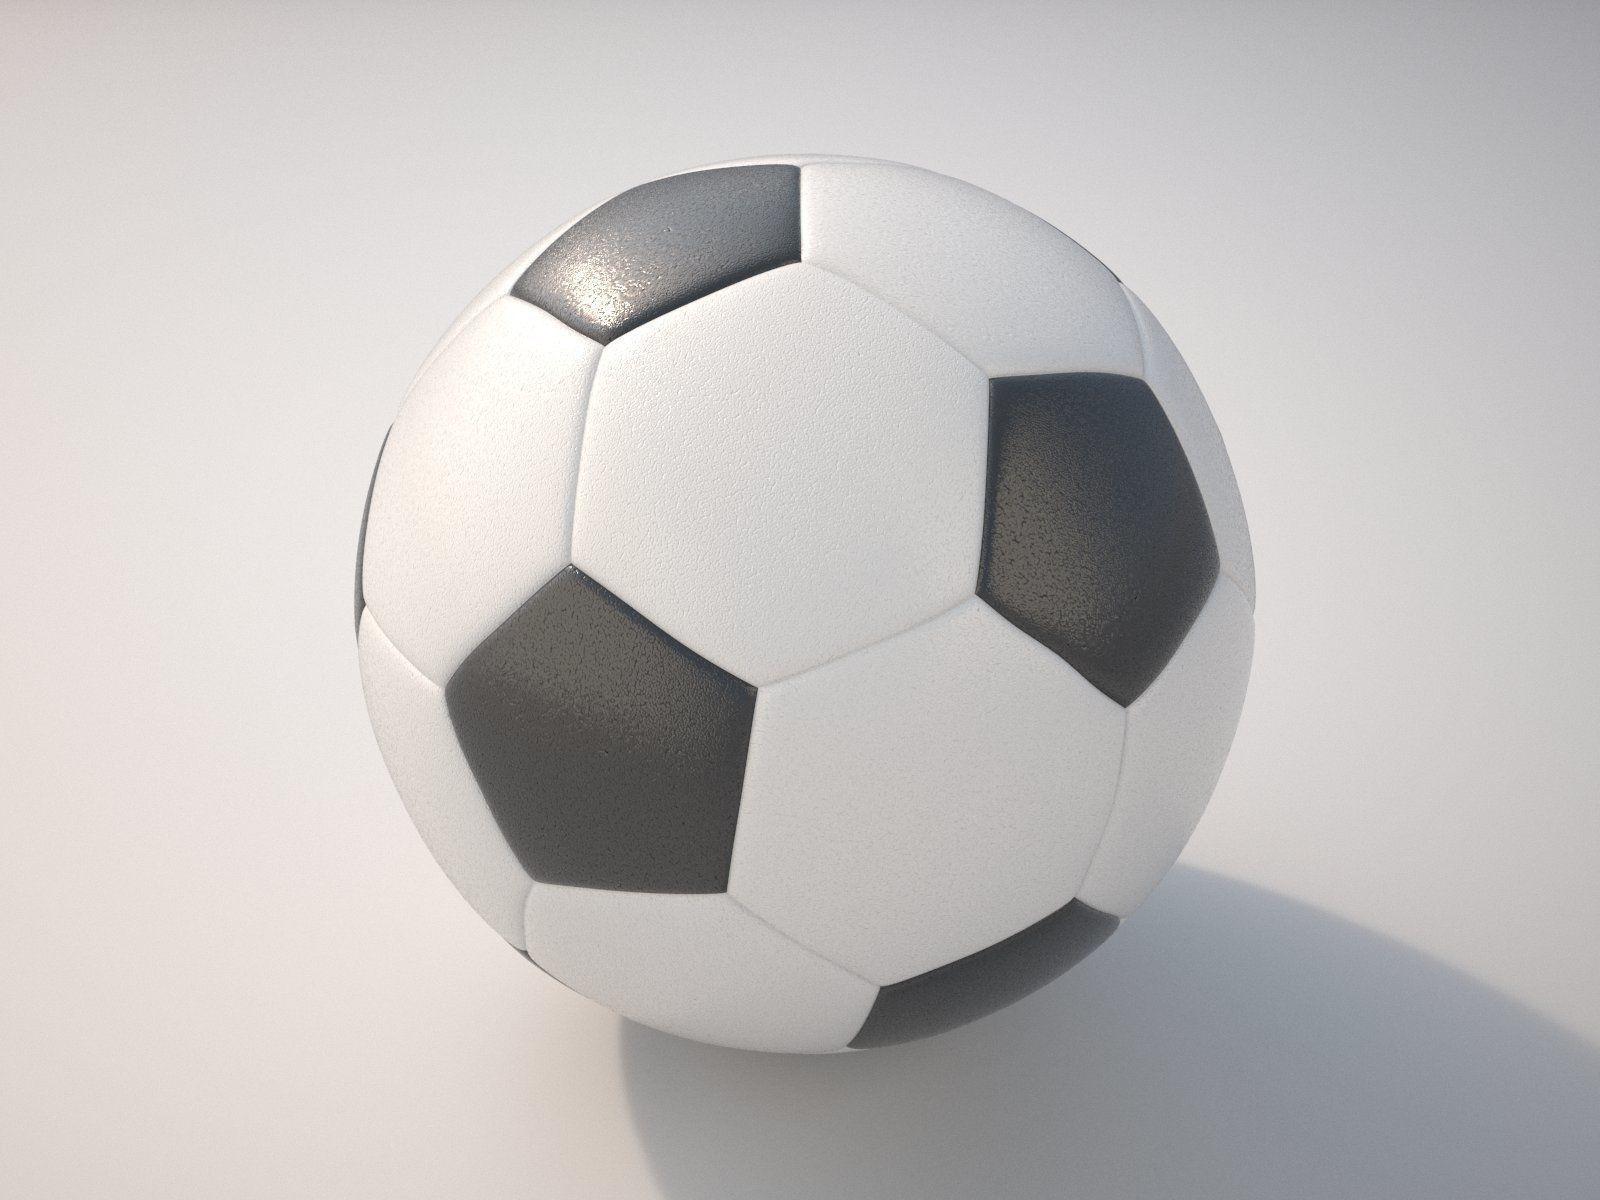 Soccerball ball 3D model Model, Soccer ball, Sports